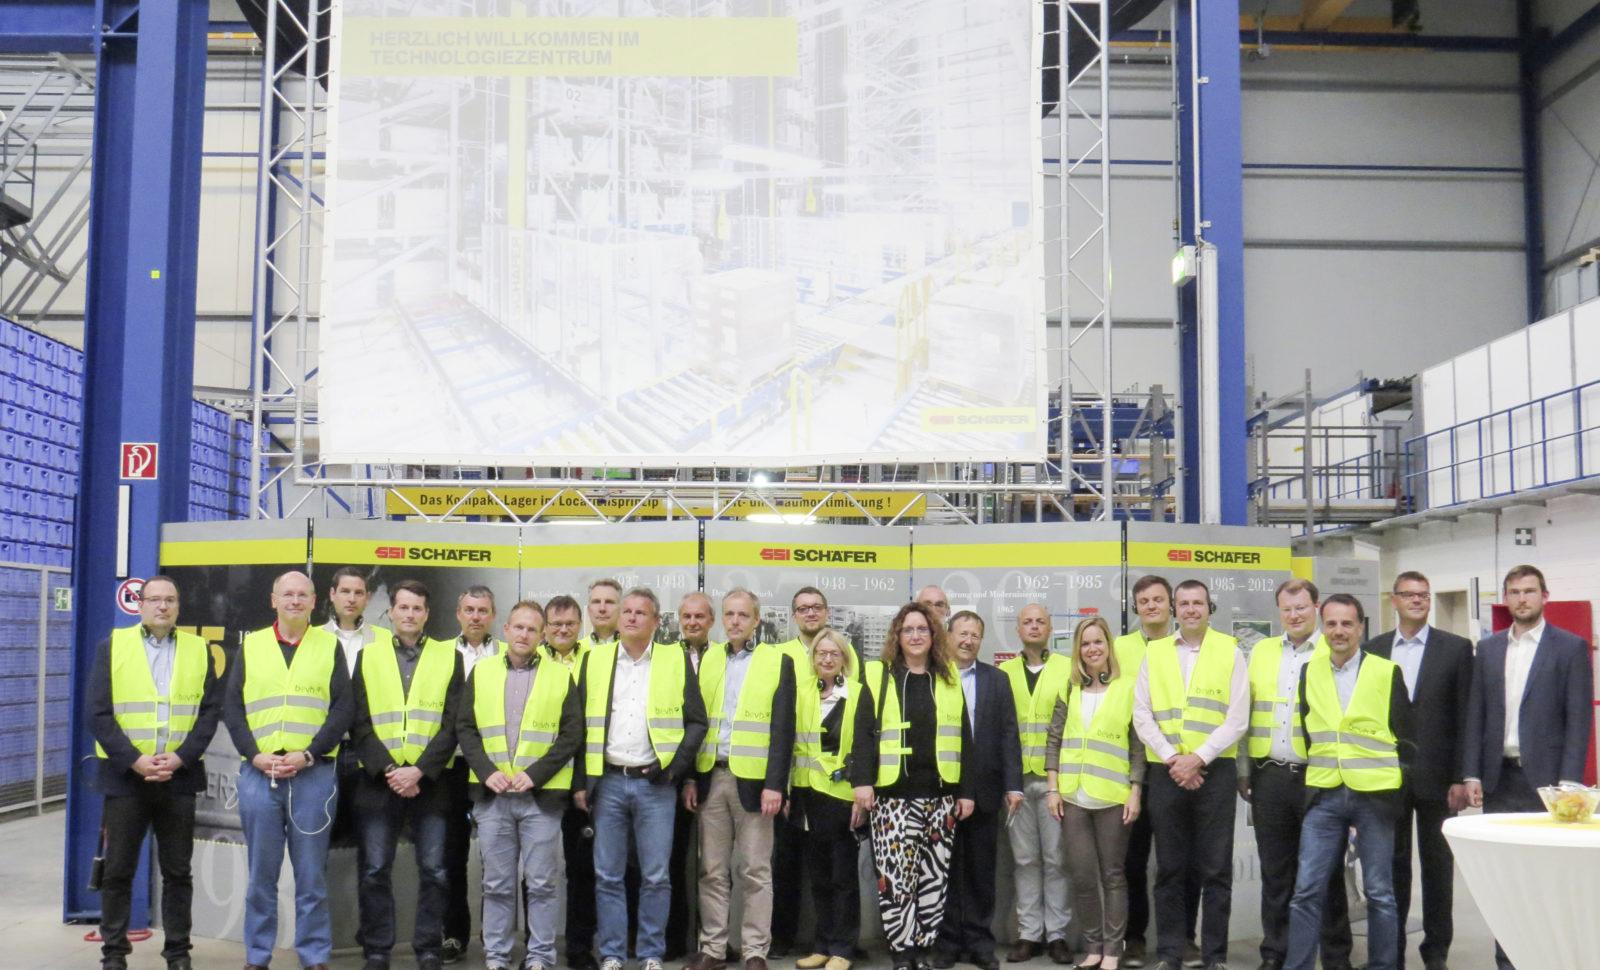 SSI Schäfer begrüßt die 1000. Besuchergruppe im Technologiezentrum